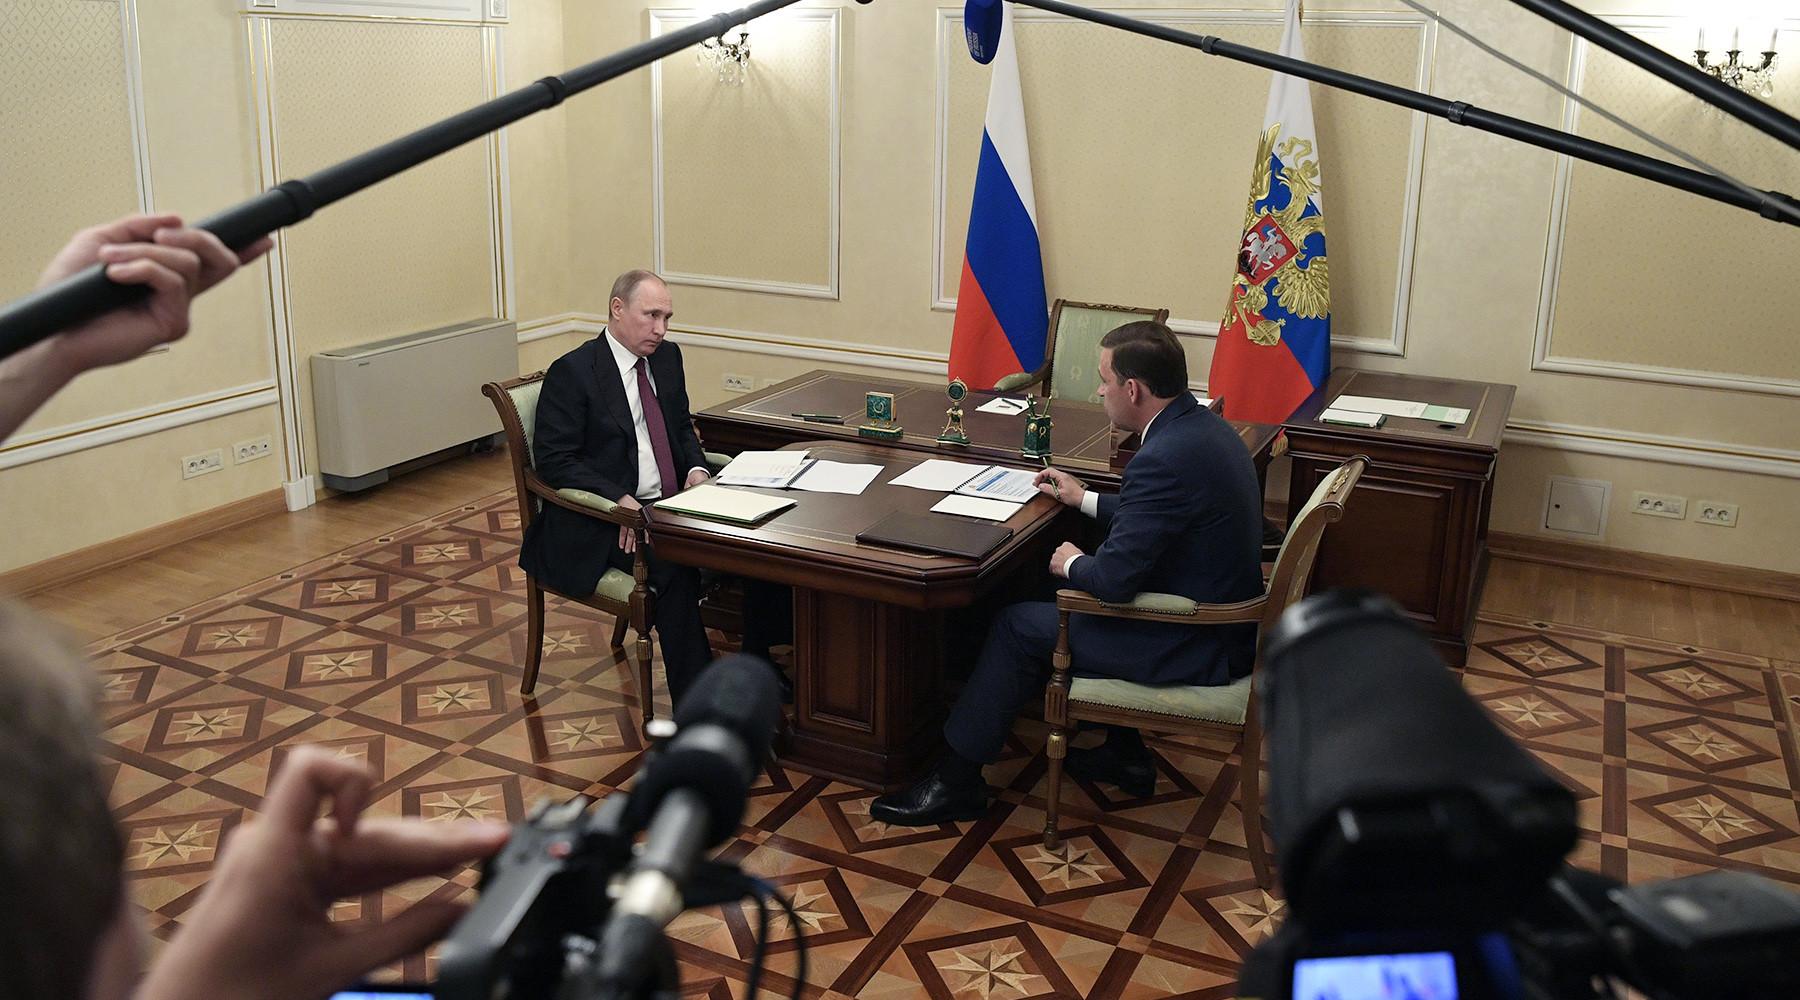 Путин отреагировал на жалобы о невыплате зарплат в Нижнем Тагиле